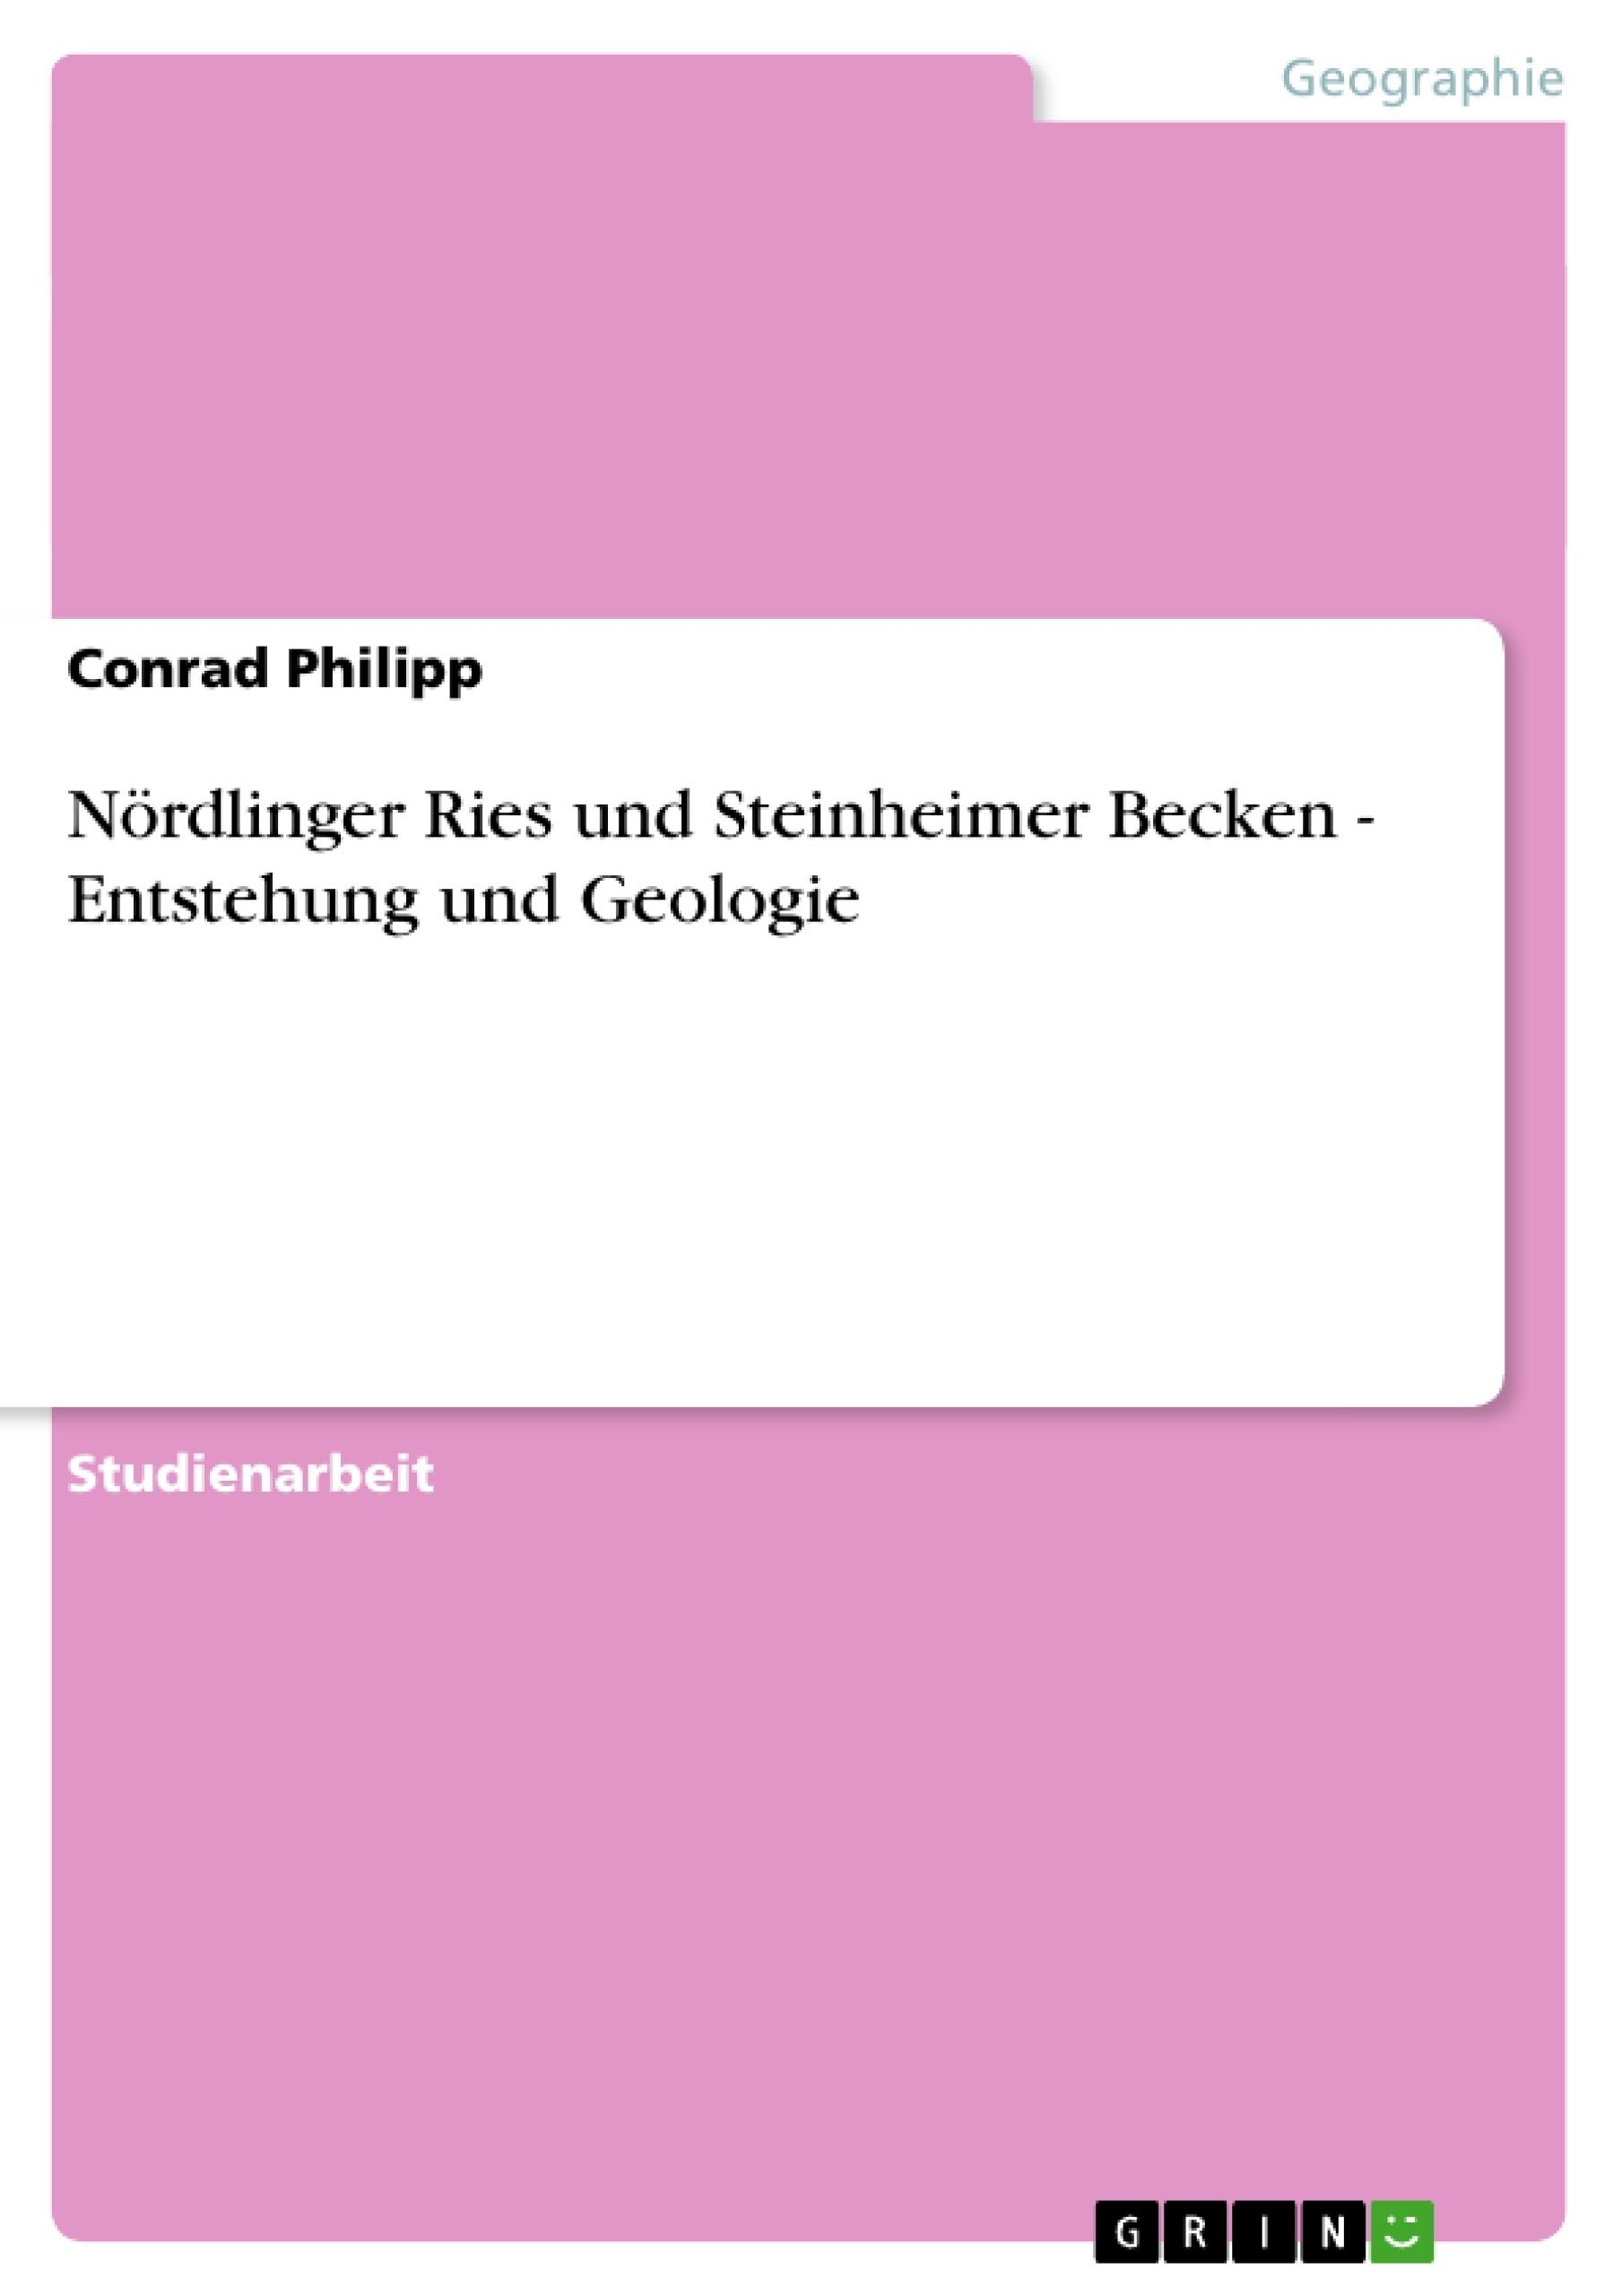 Titel: Nördlinger Ries und Steinheimer Becken -  Entstehung und Geologie